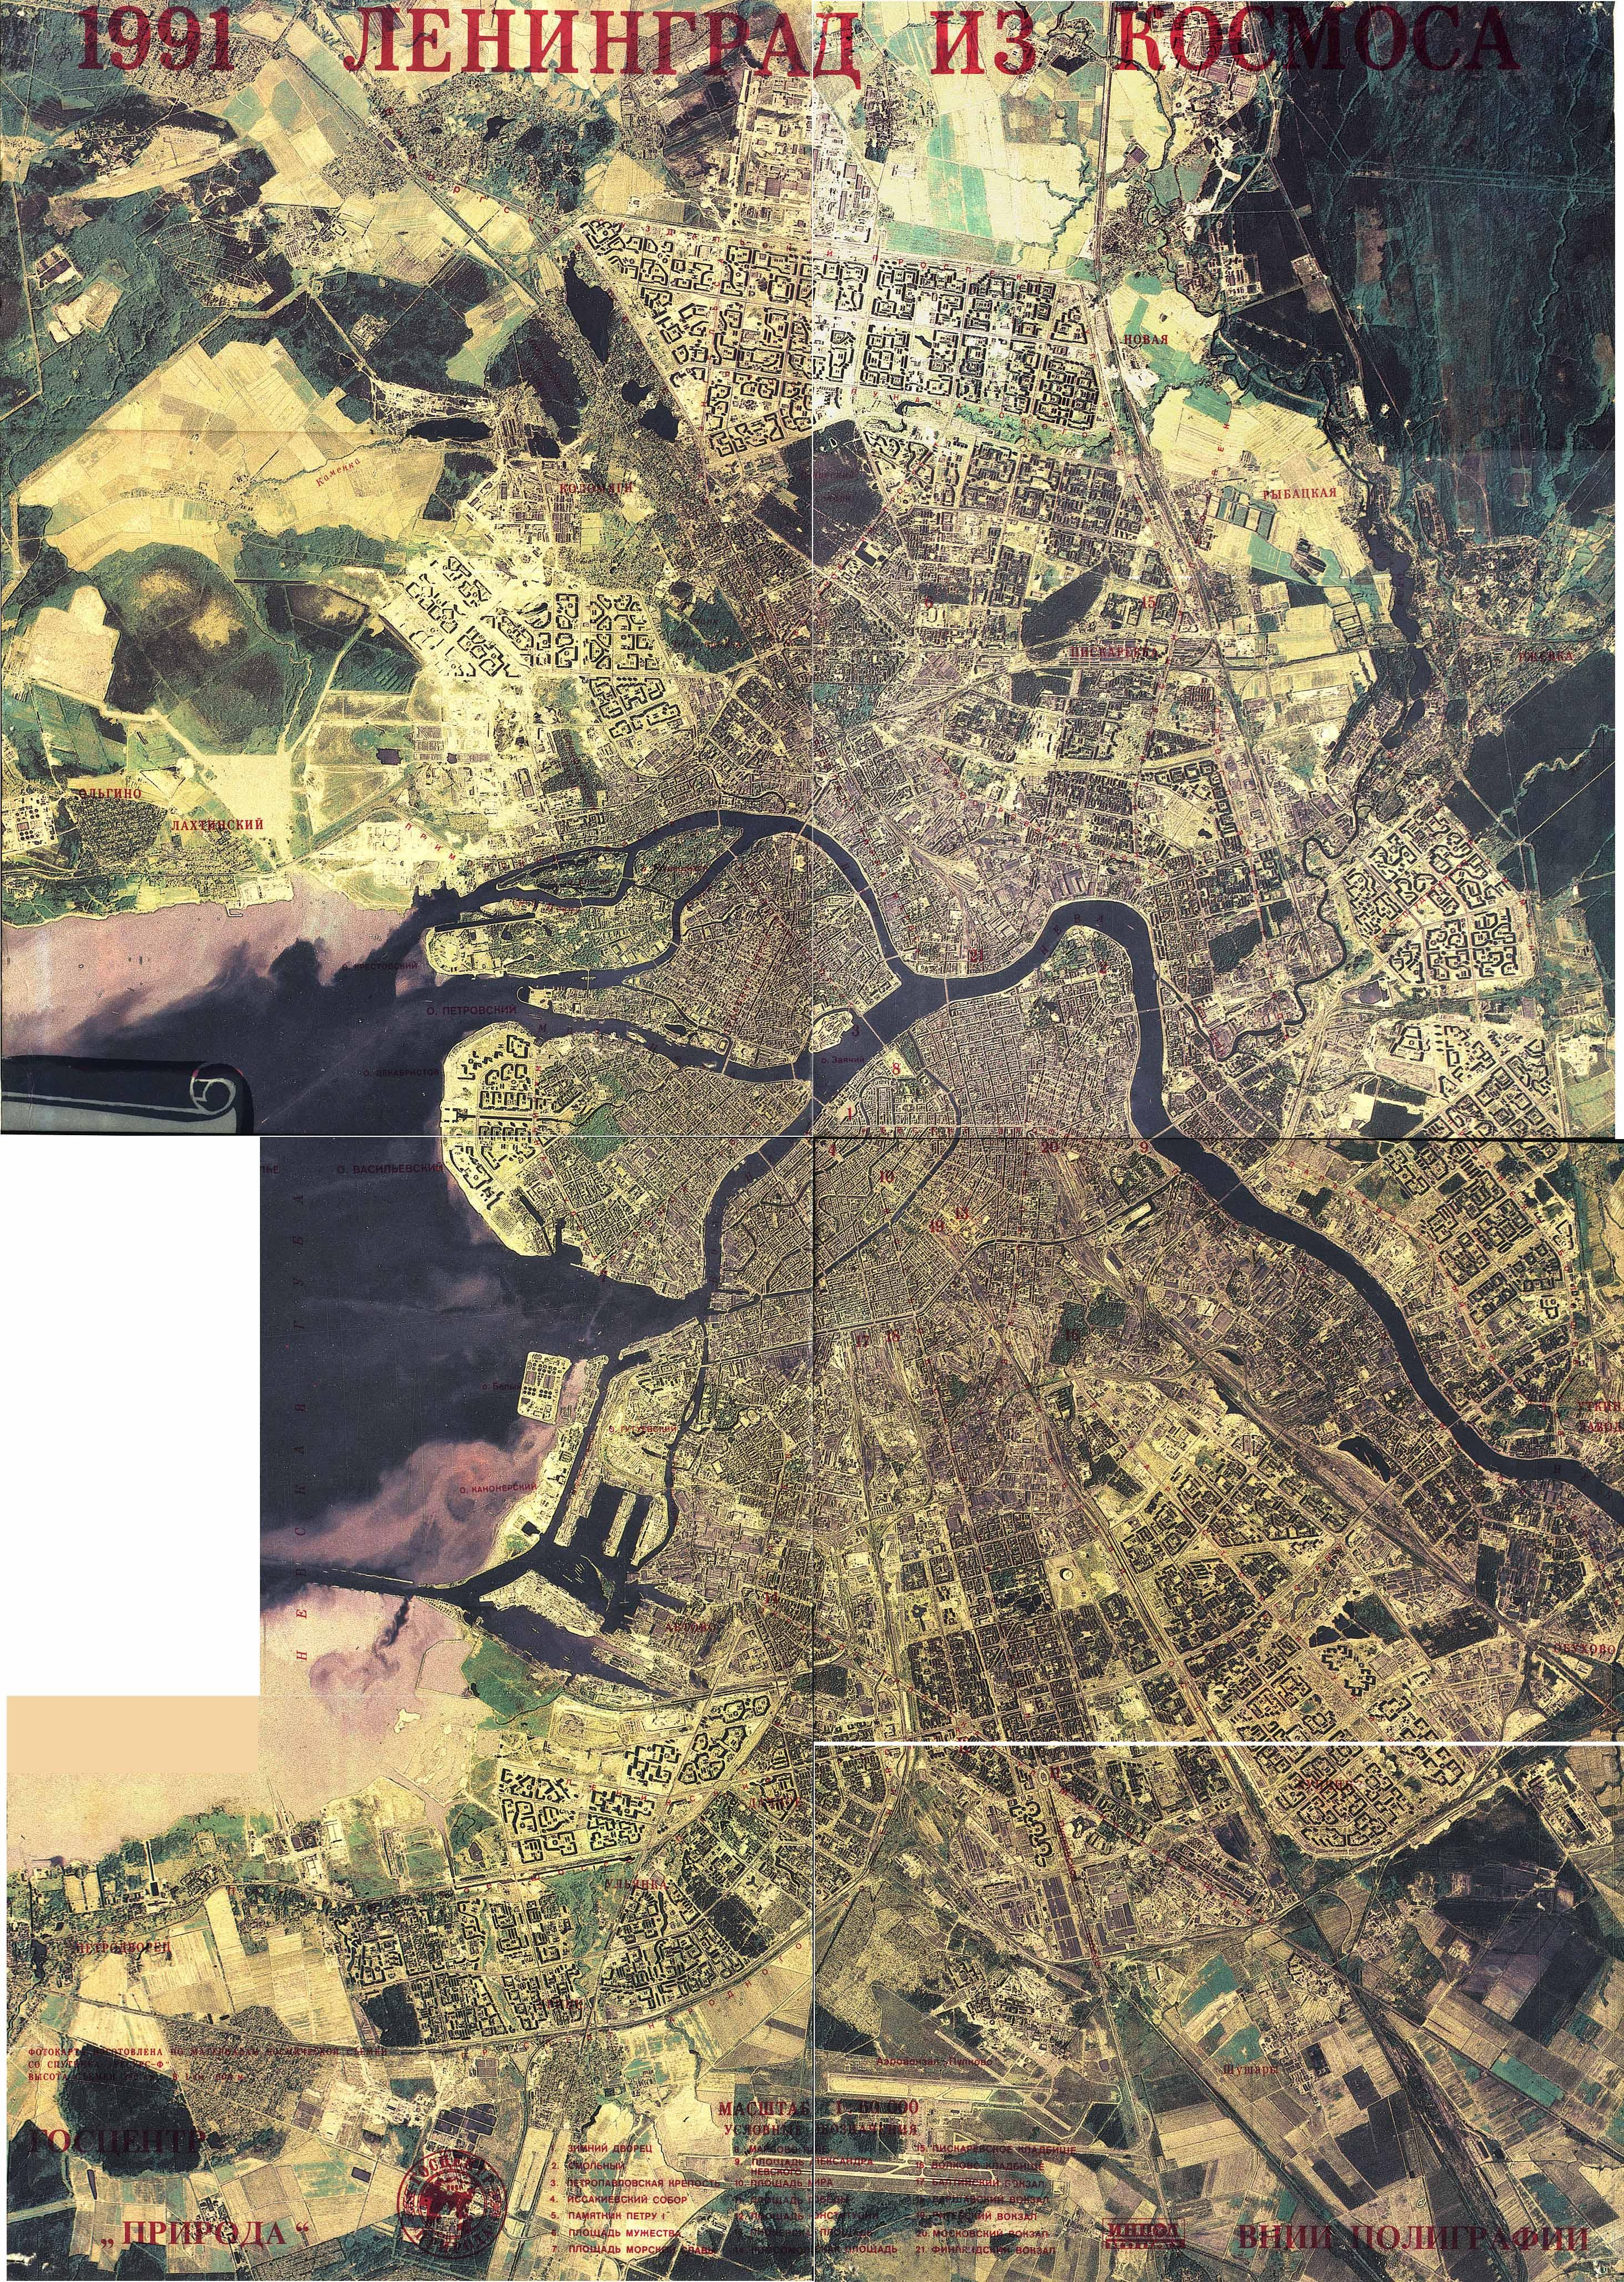 модели термобелья карта санкт-петербурга онлайн в реальном времени со спутника составу применяемых материалов